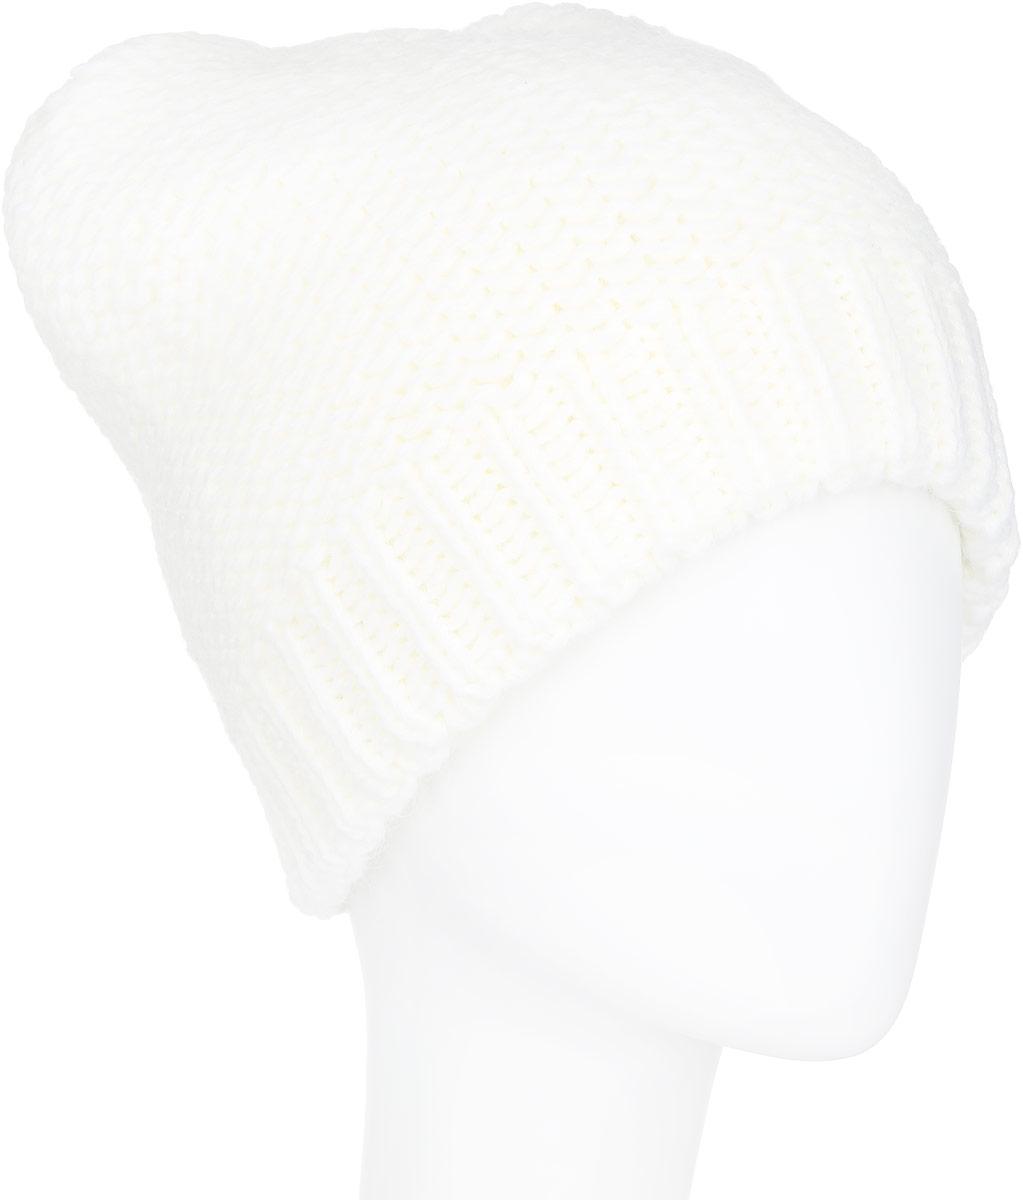 Шапка женская Finn Flare, цвет: молочный. A16-32125_711. Размер 56A16-32125_711Стильная женская шапка Finn Flare дополнит ваш наряд и не позволит вам замерзнуть в холодное время года. Шапка выполнена из высококачественной пряжи, что позволяет ей великолепно сохранять тепло и обеспечивает высокую эластичность и удобство посадки. Изделие дополнено теплой подкладкой. Модель оформлена металлической эмблемой с логотипом производителя. Понизу предусмотрена вязаная резинка.Такая шапка станет модным и стильным дополнением вашего гардероба. Она согреет вас и позволит подчеркнуть свою индивидуальность!